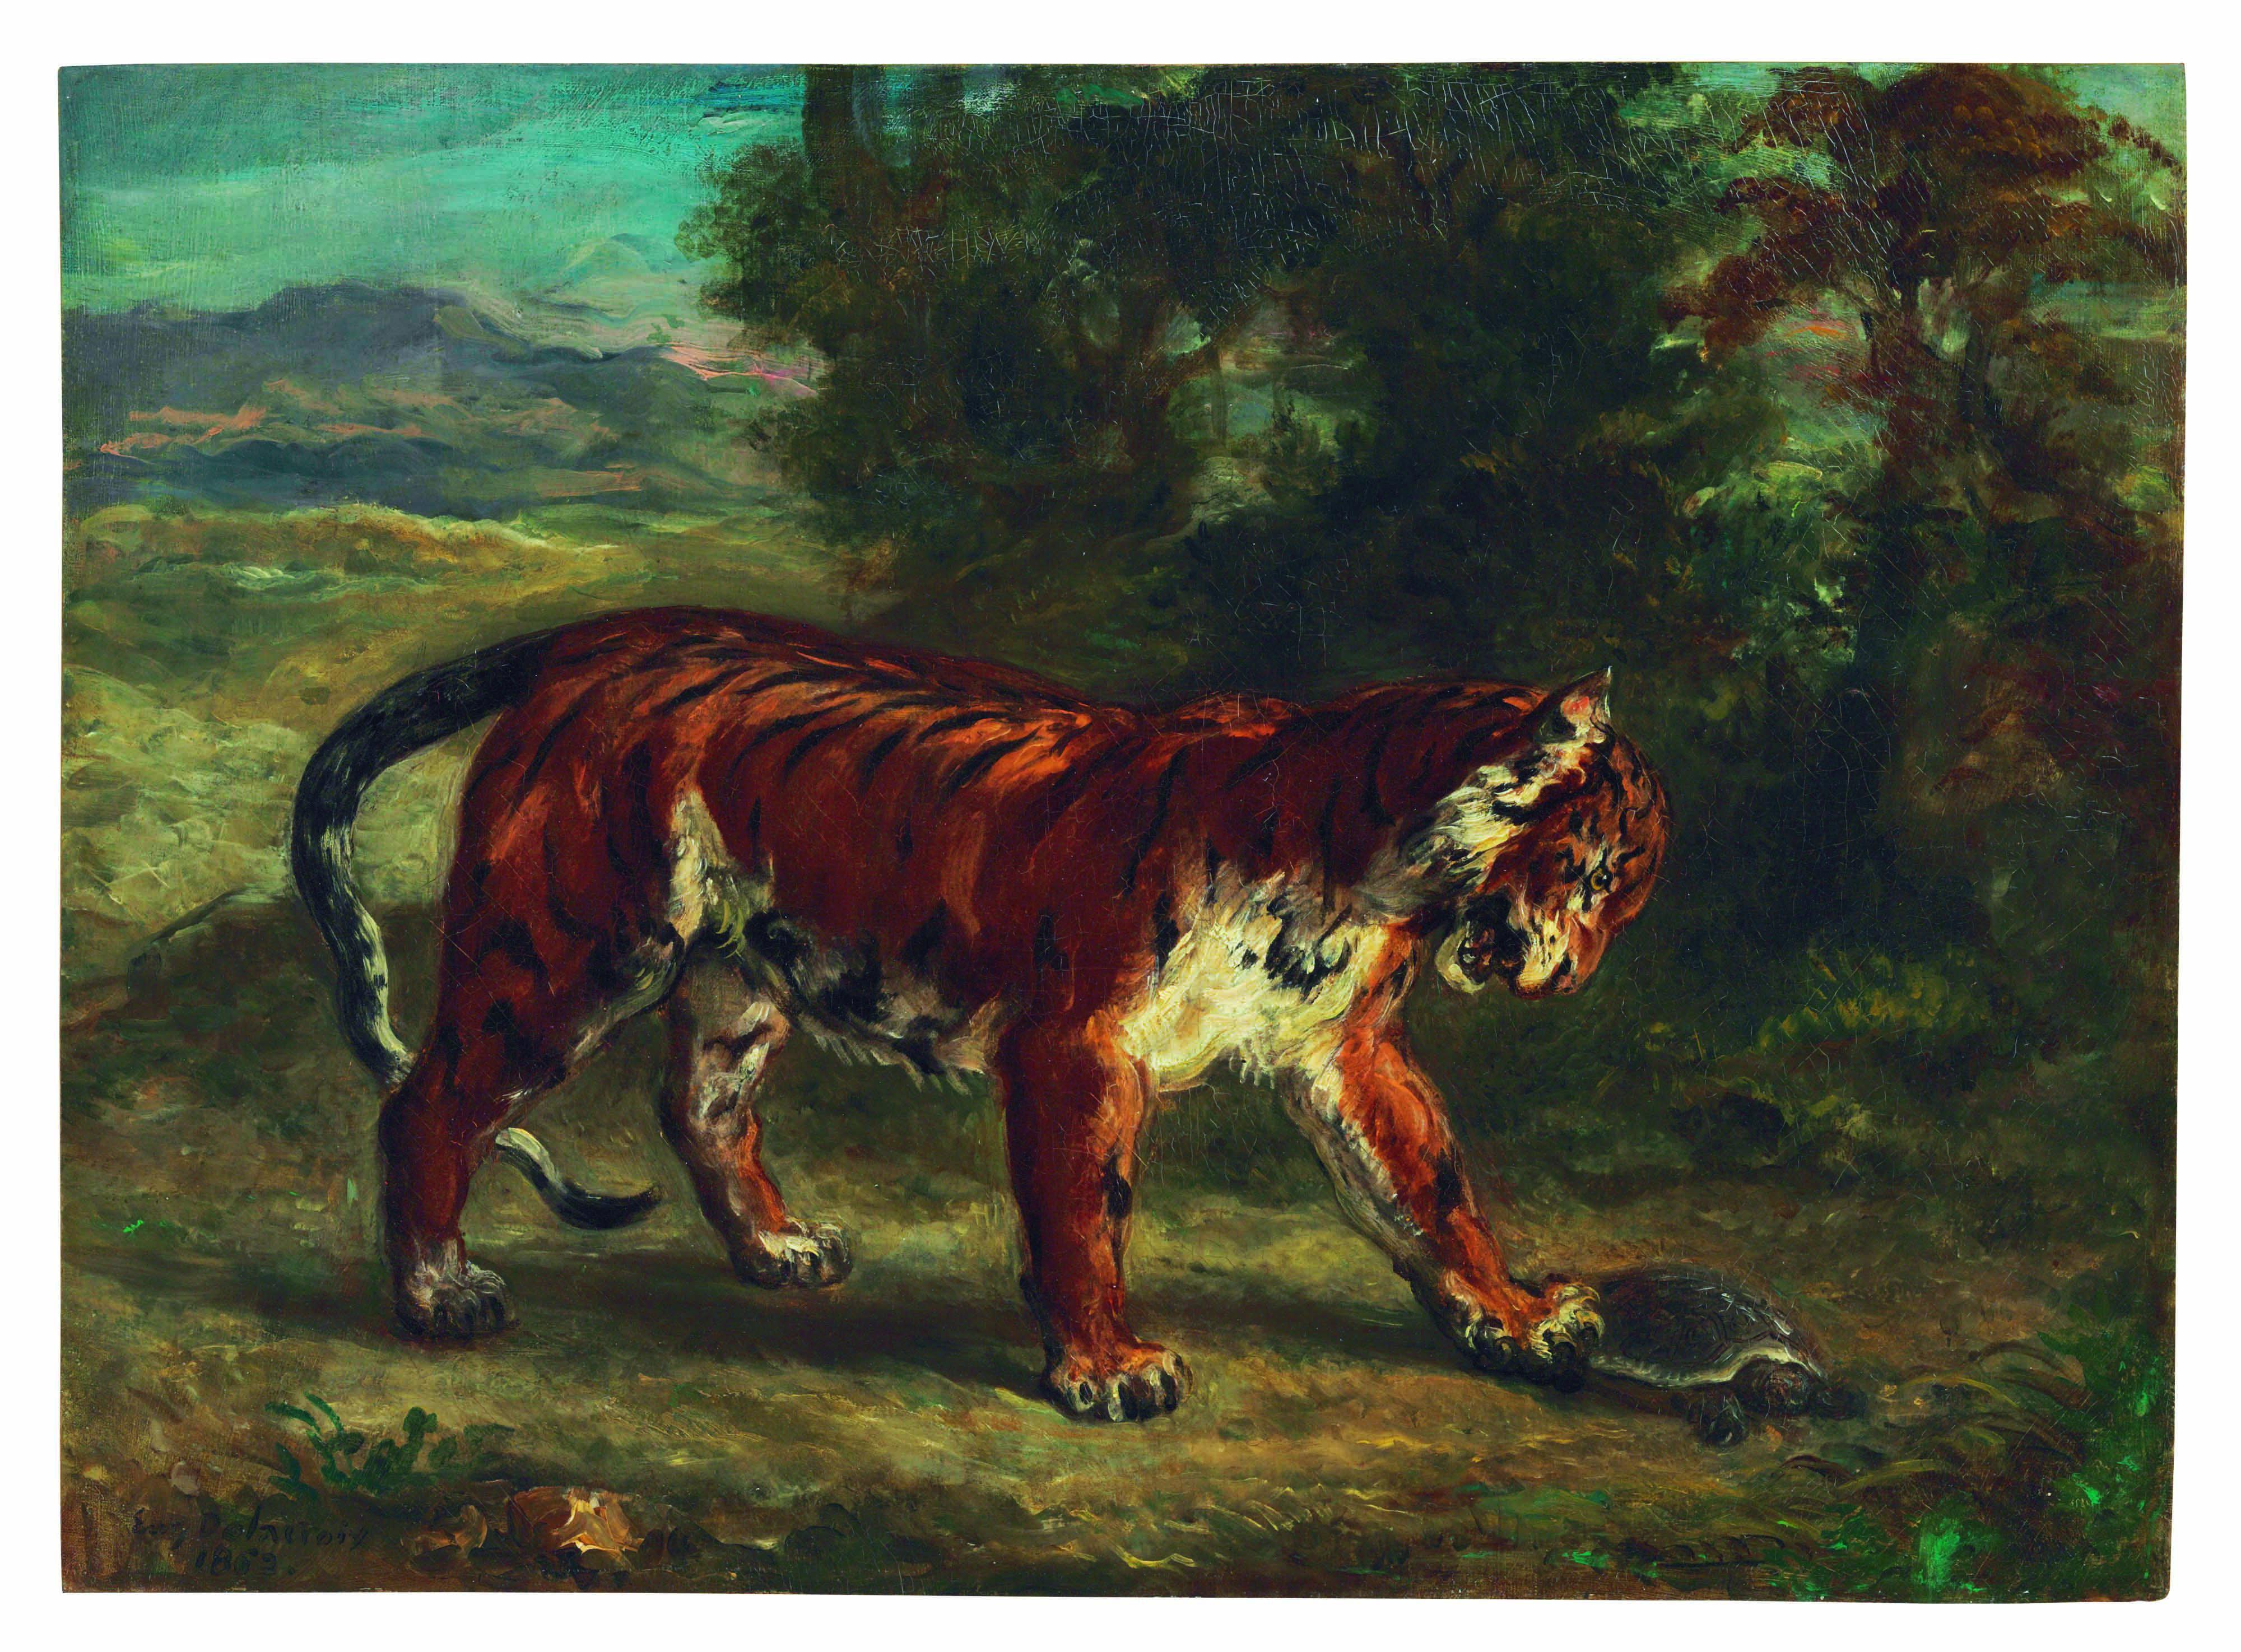 TIGRE JOUANT AVEC UNE TORTUE (1862), D'EUGÈNE DELACROIX. HUILE SUR TOILE, 45,1 X 62,2 CM. ESTIMÉ ENTRE 5 ET 7 MILLIONS DE DOLLARS.